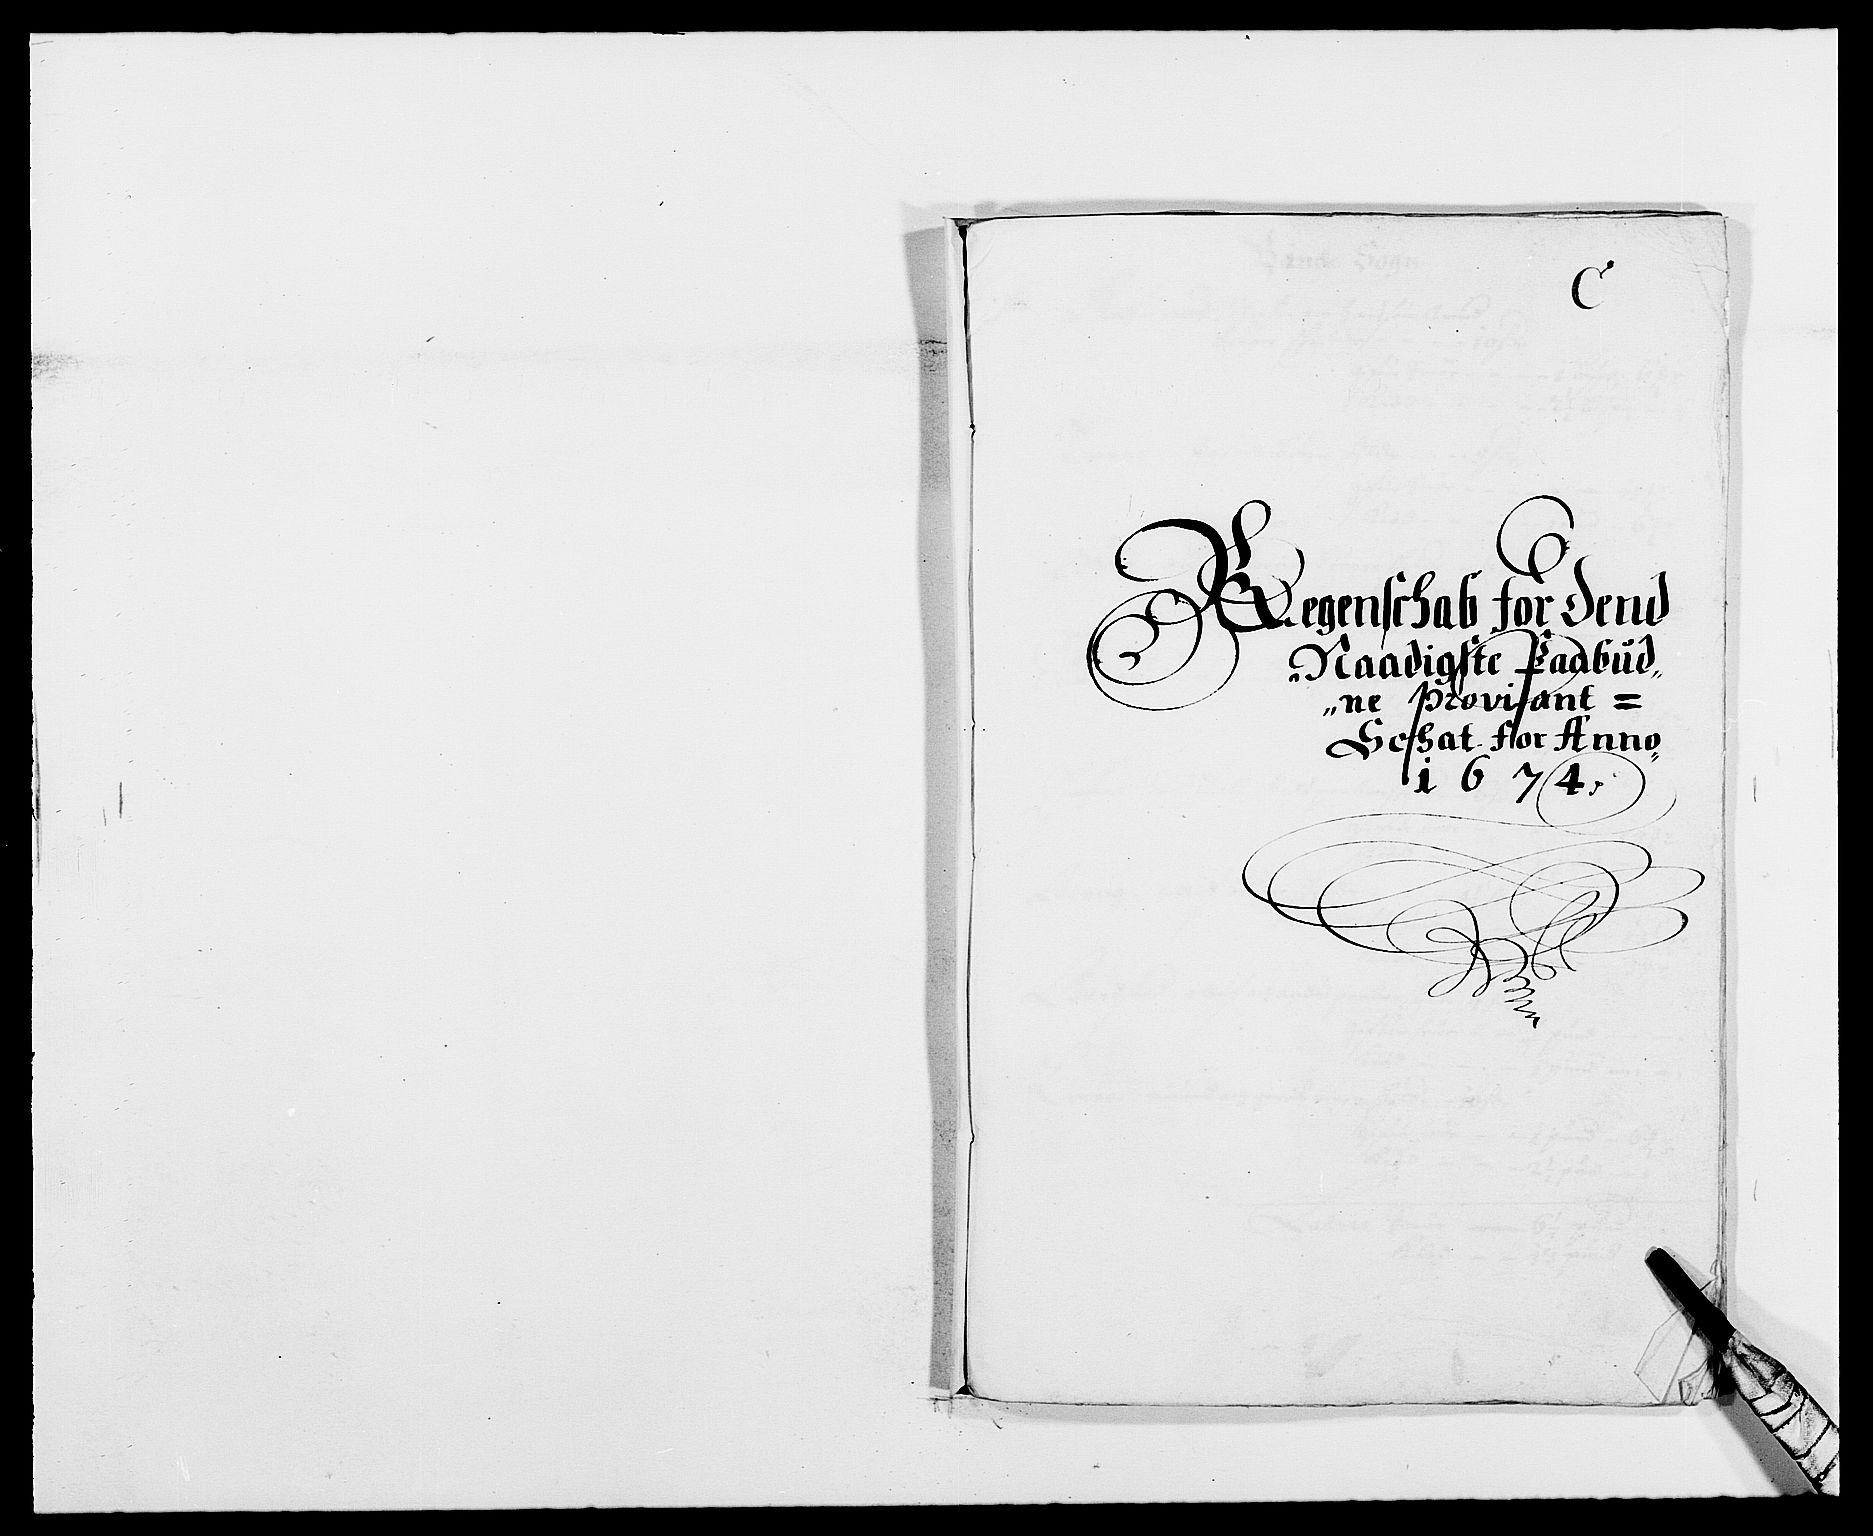 RA, Rentekammeret inntil 1814, Reviderte regnskaper, Fogderegnskap, R34/L2042: Fogderegnskap Bamble, 1673-1675, s. 200